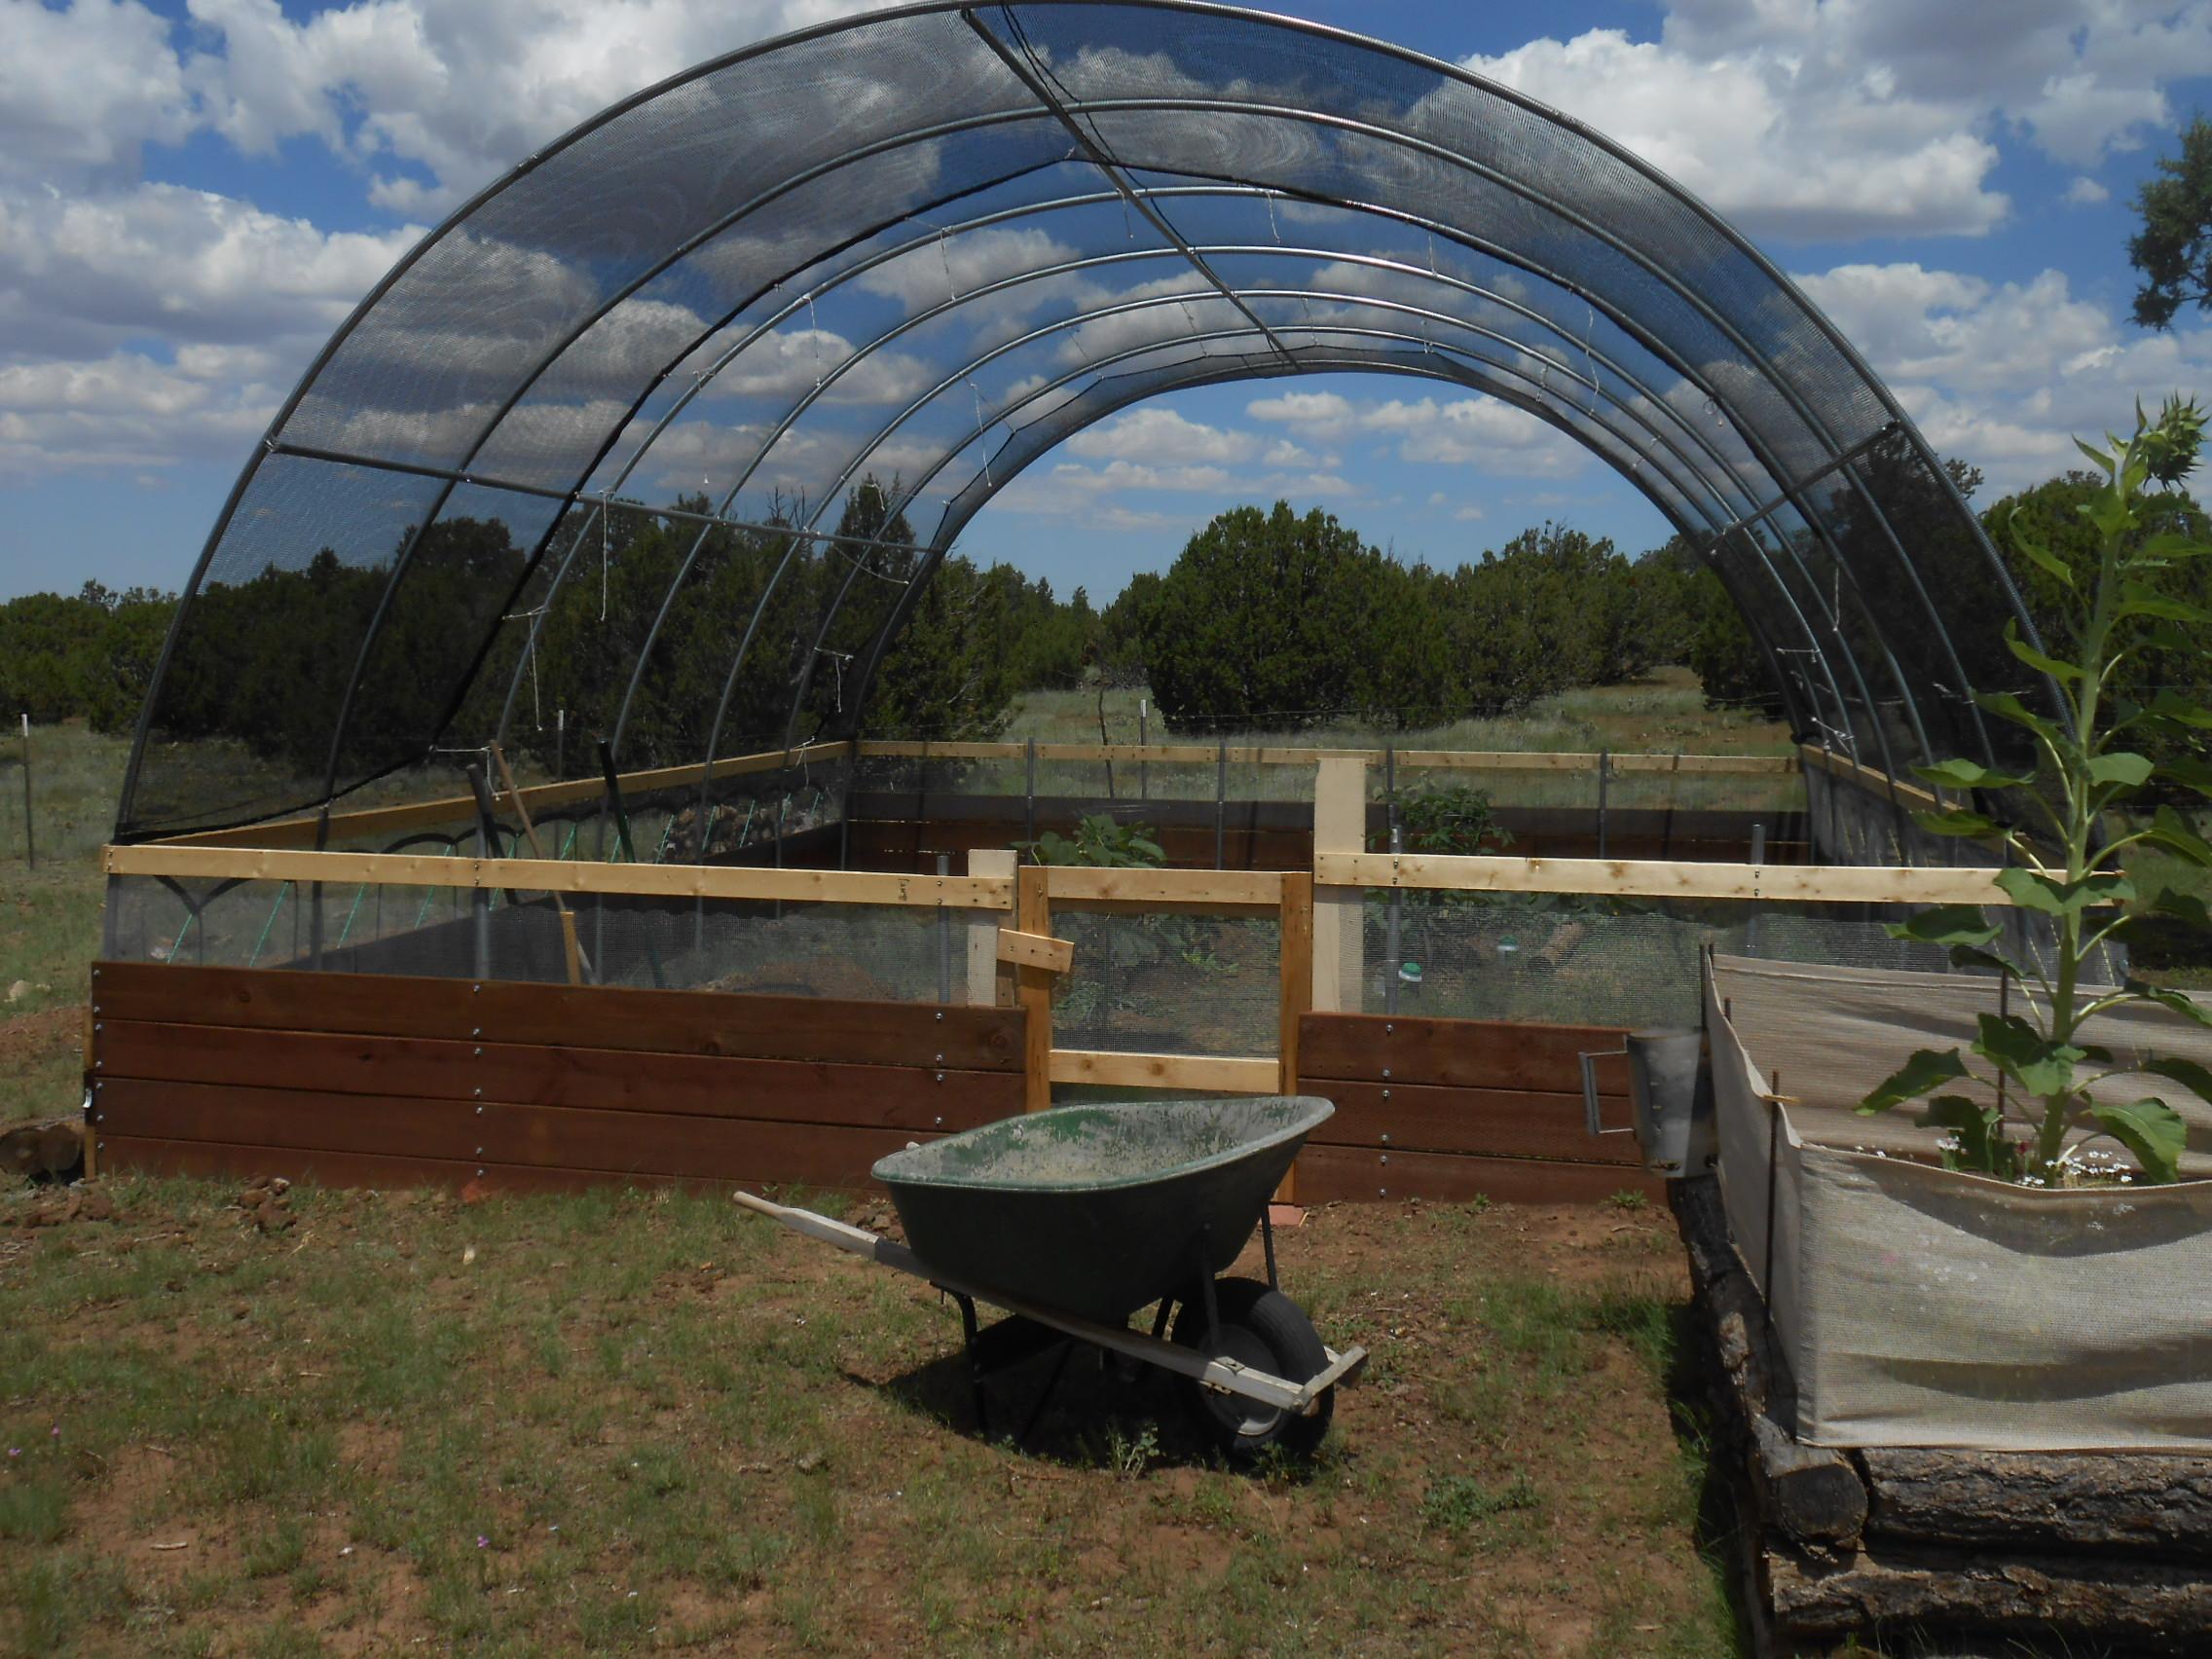 Hoop Houses In High Wind Greenhouses Forum At Permies